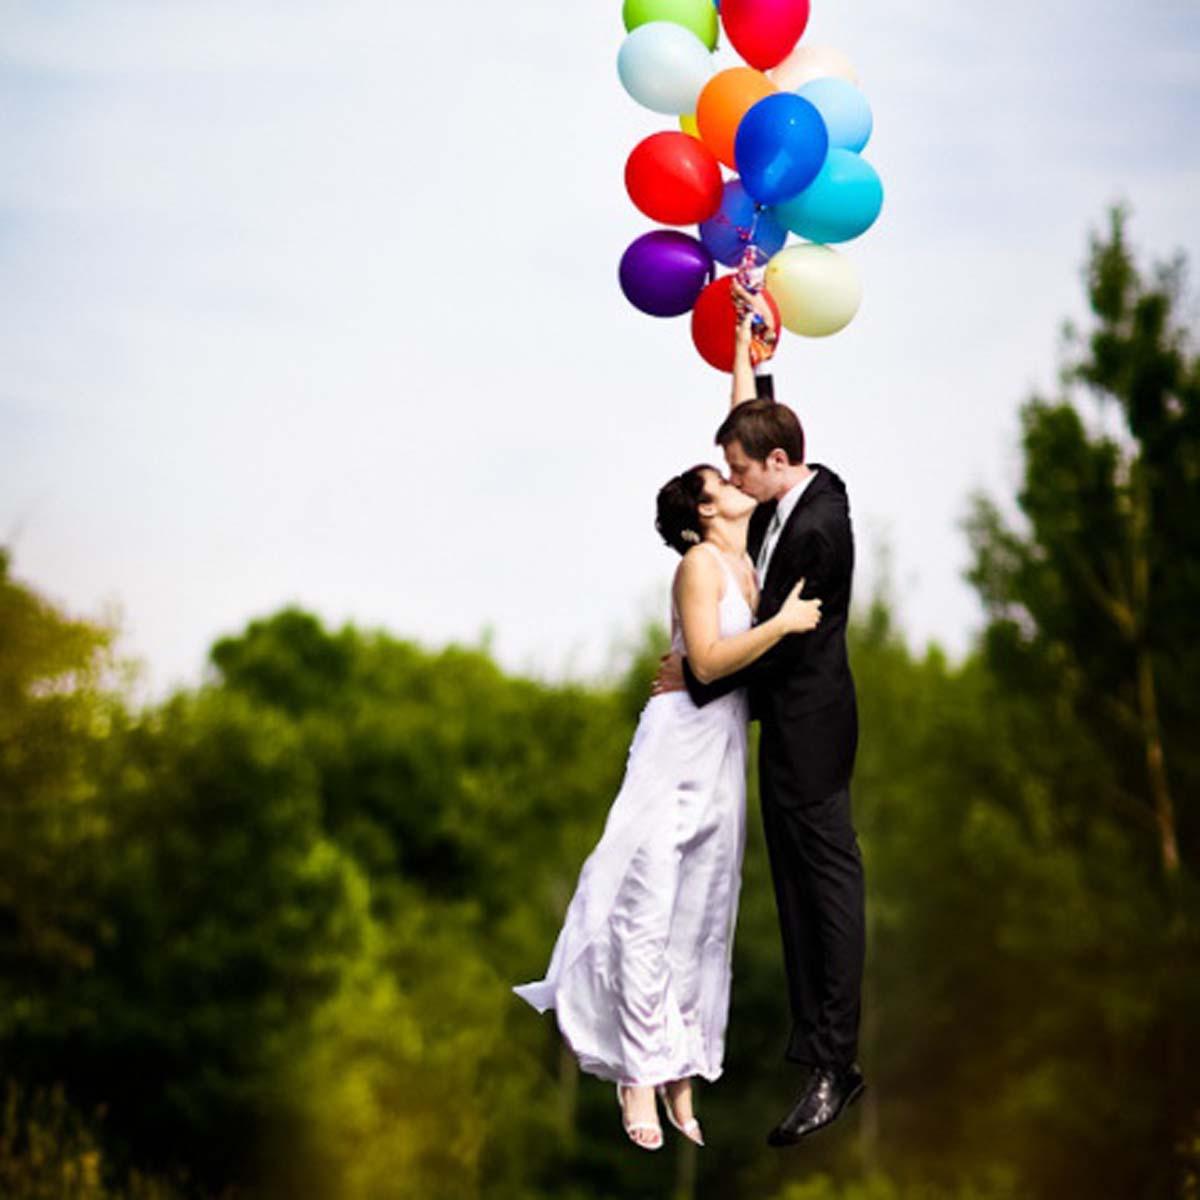 balloon-6